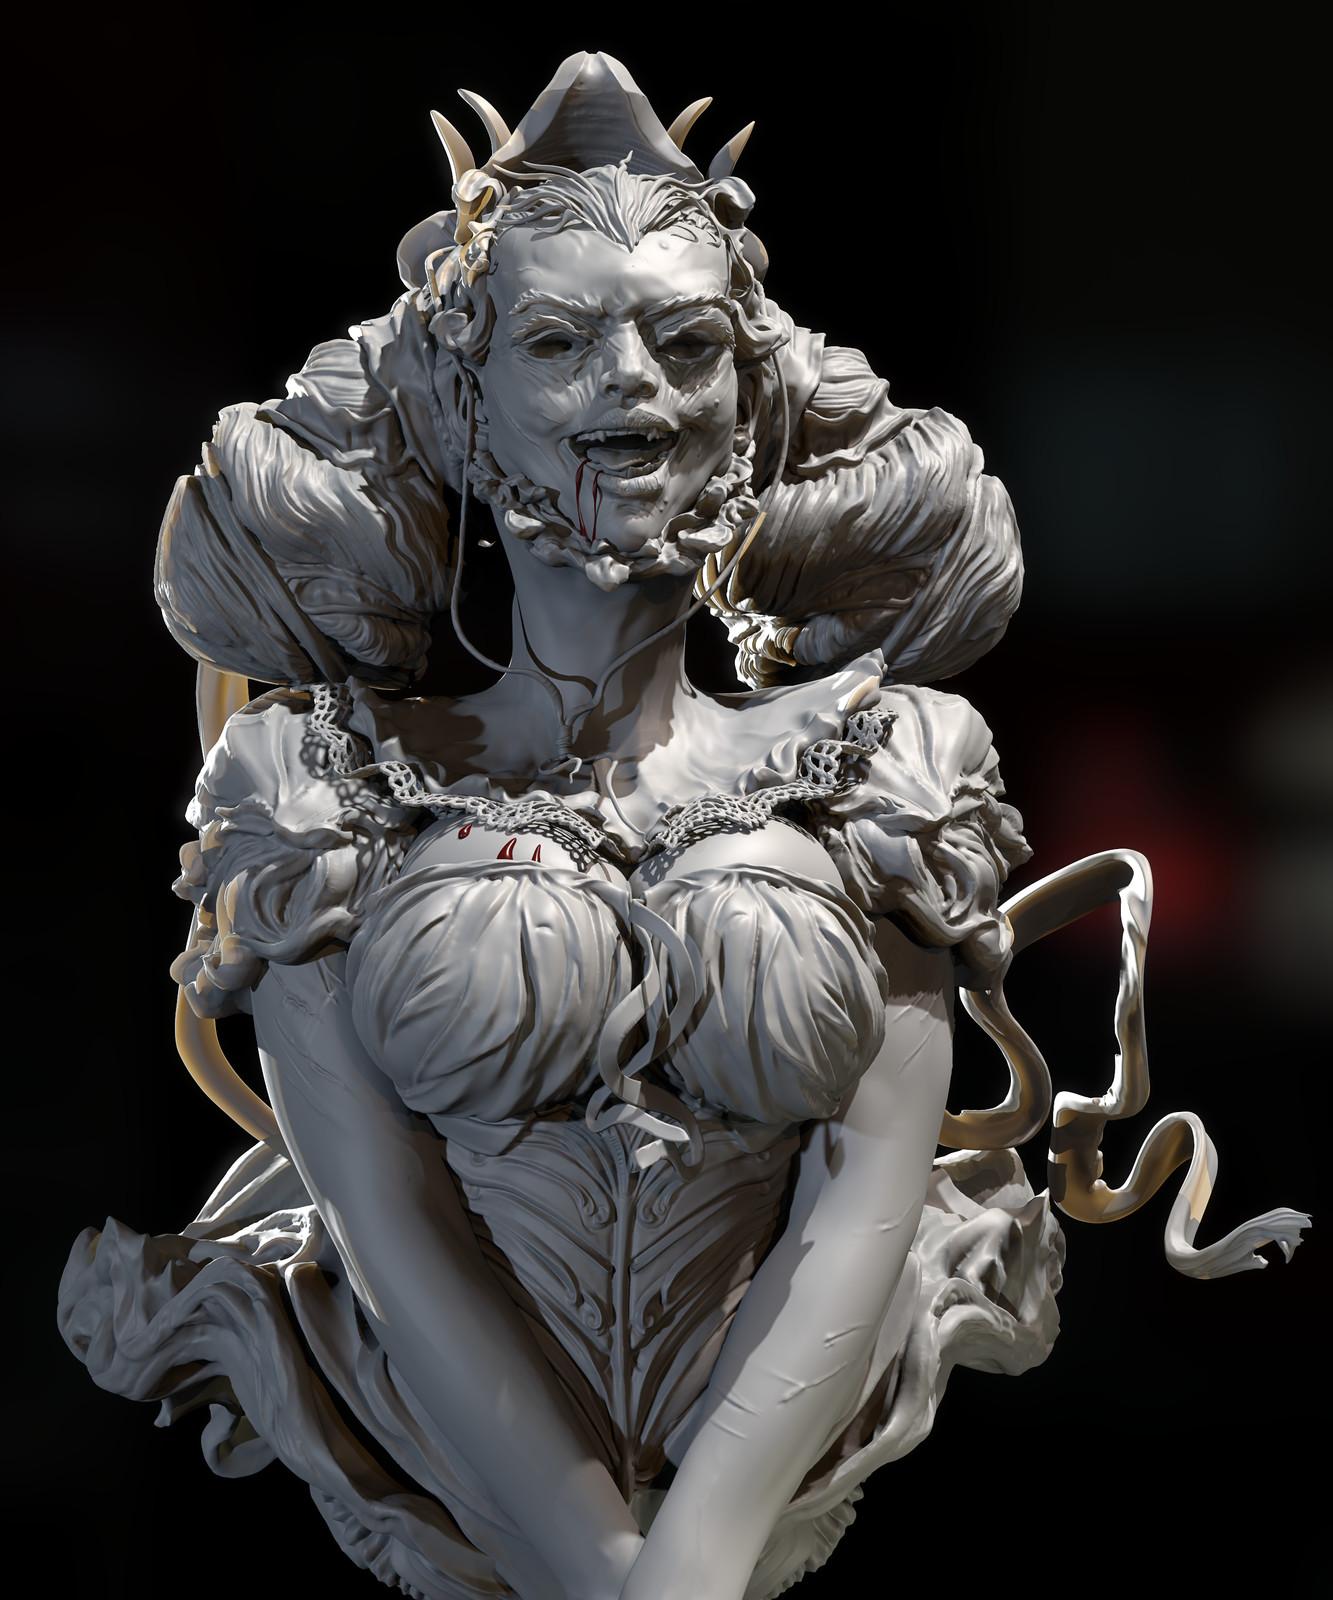 Vampire Girl_Draculas Vlad the Impaler Slave